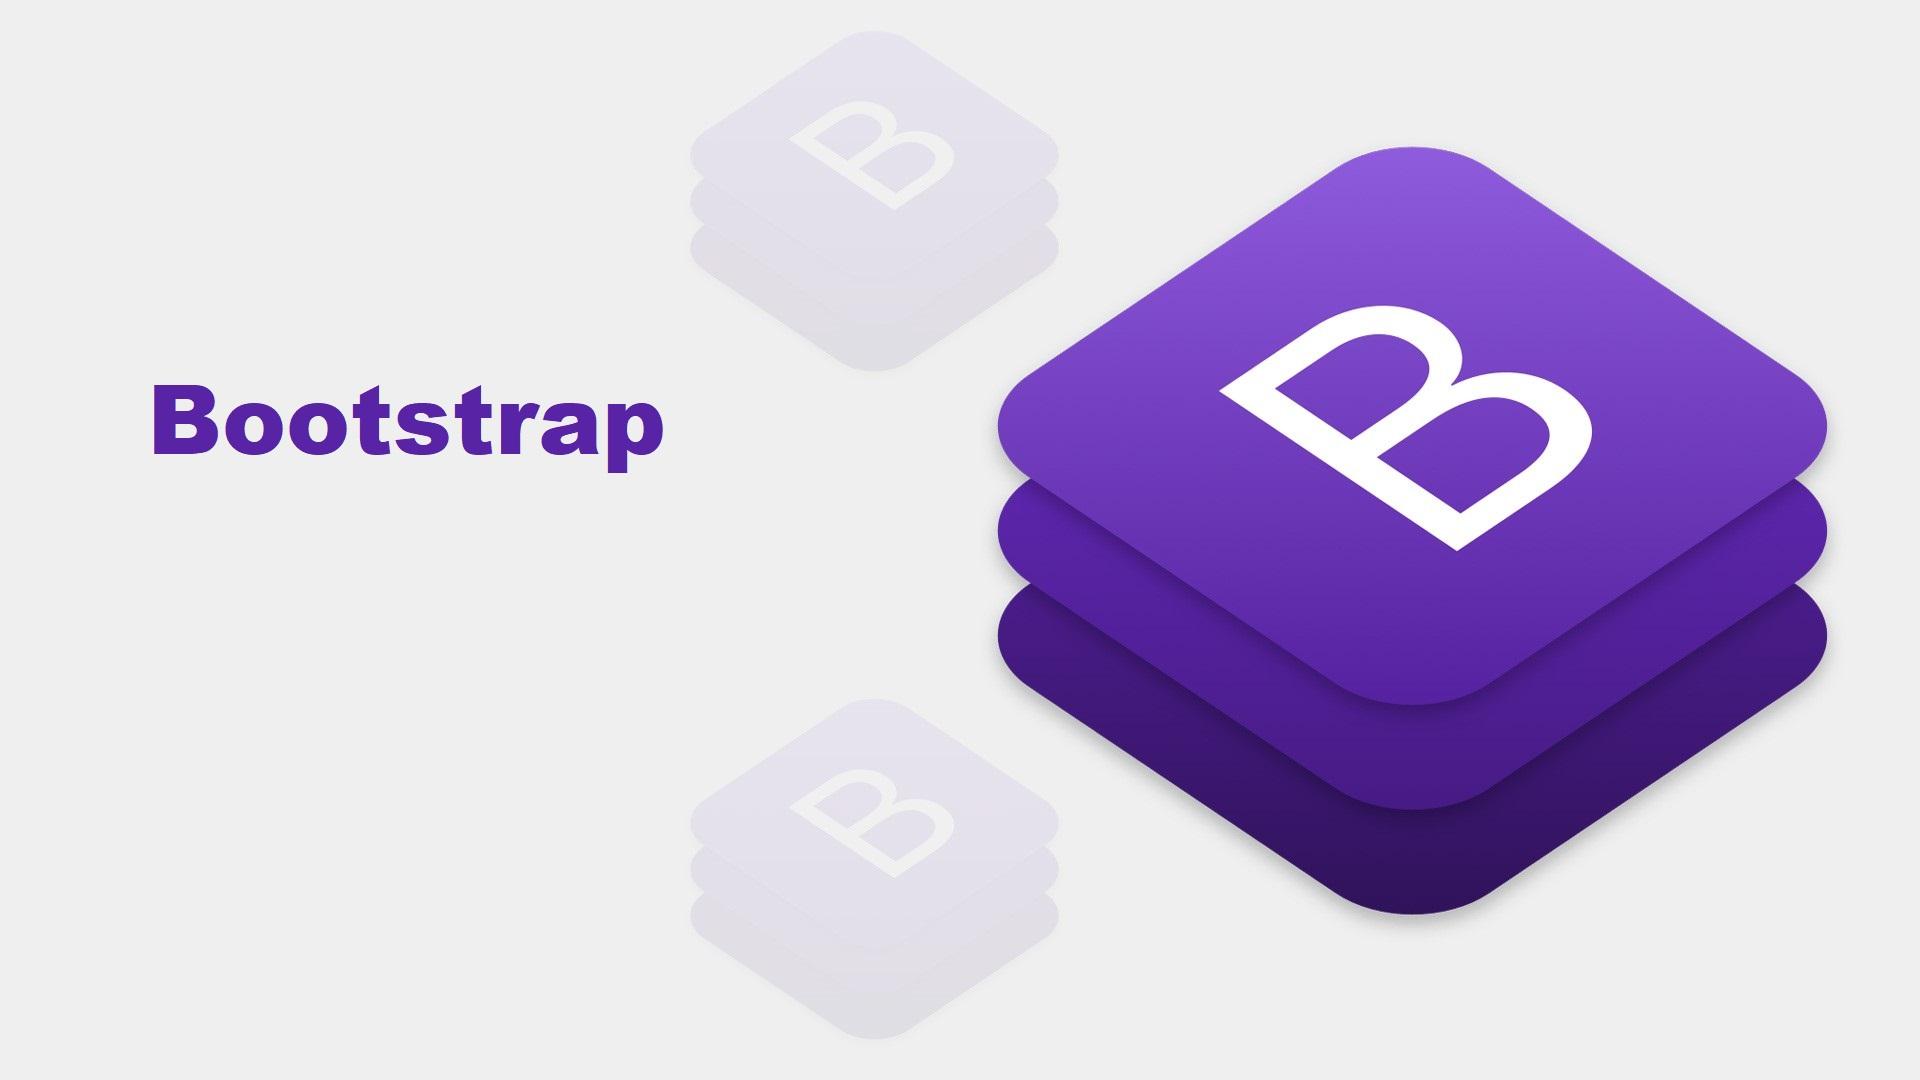 bootstrap-image-MSA-Technosoft